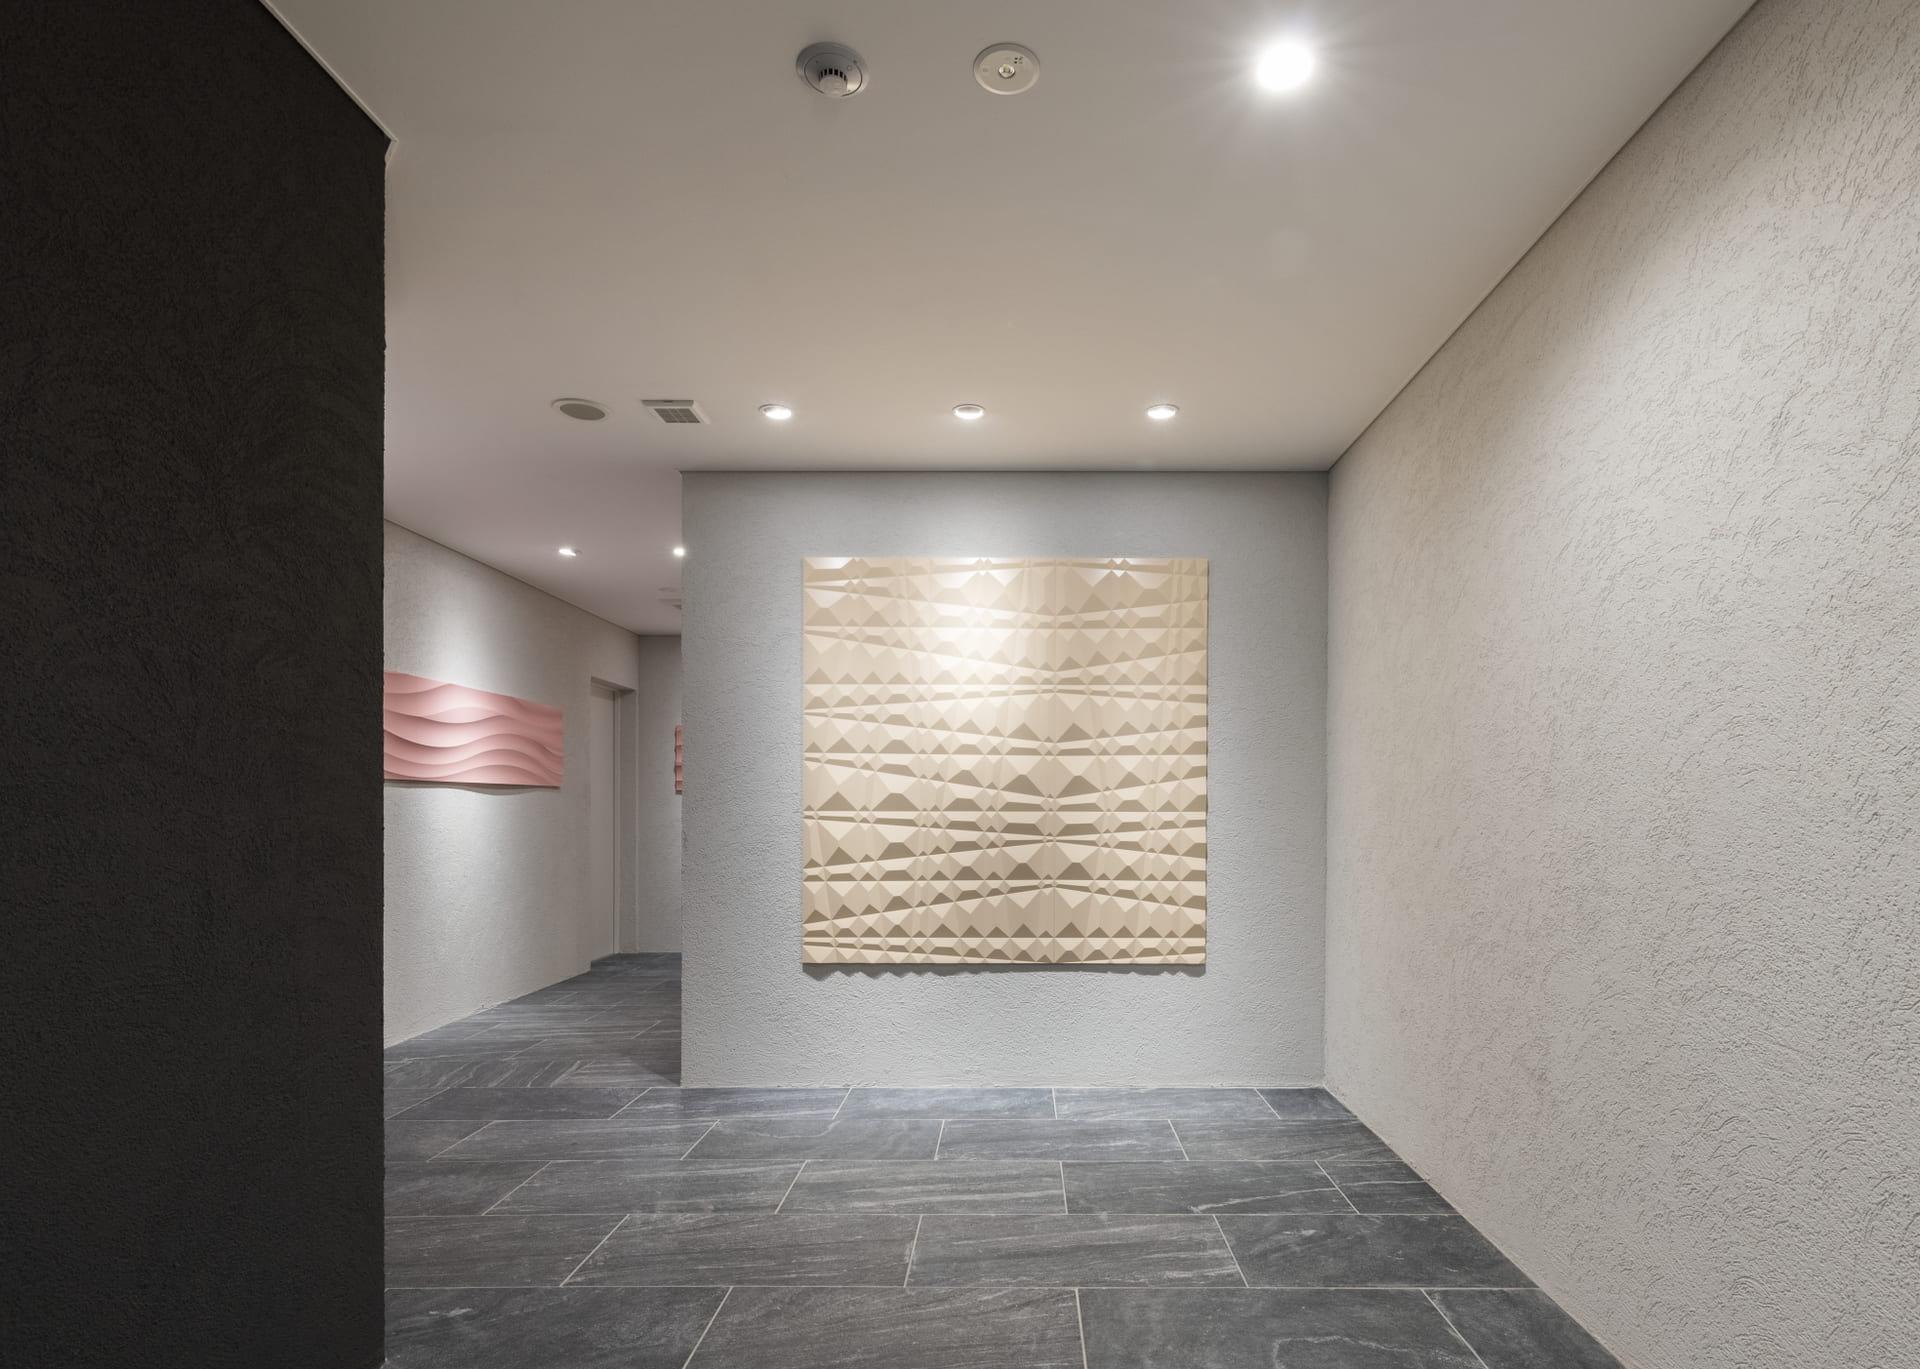 大京、デザイナー起用の賃貸住宅2棟竣工